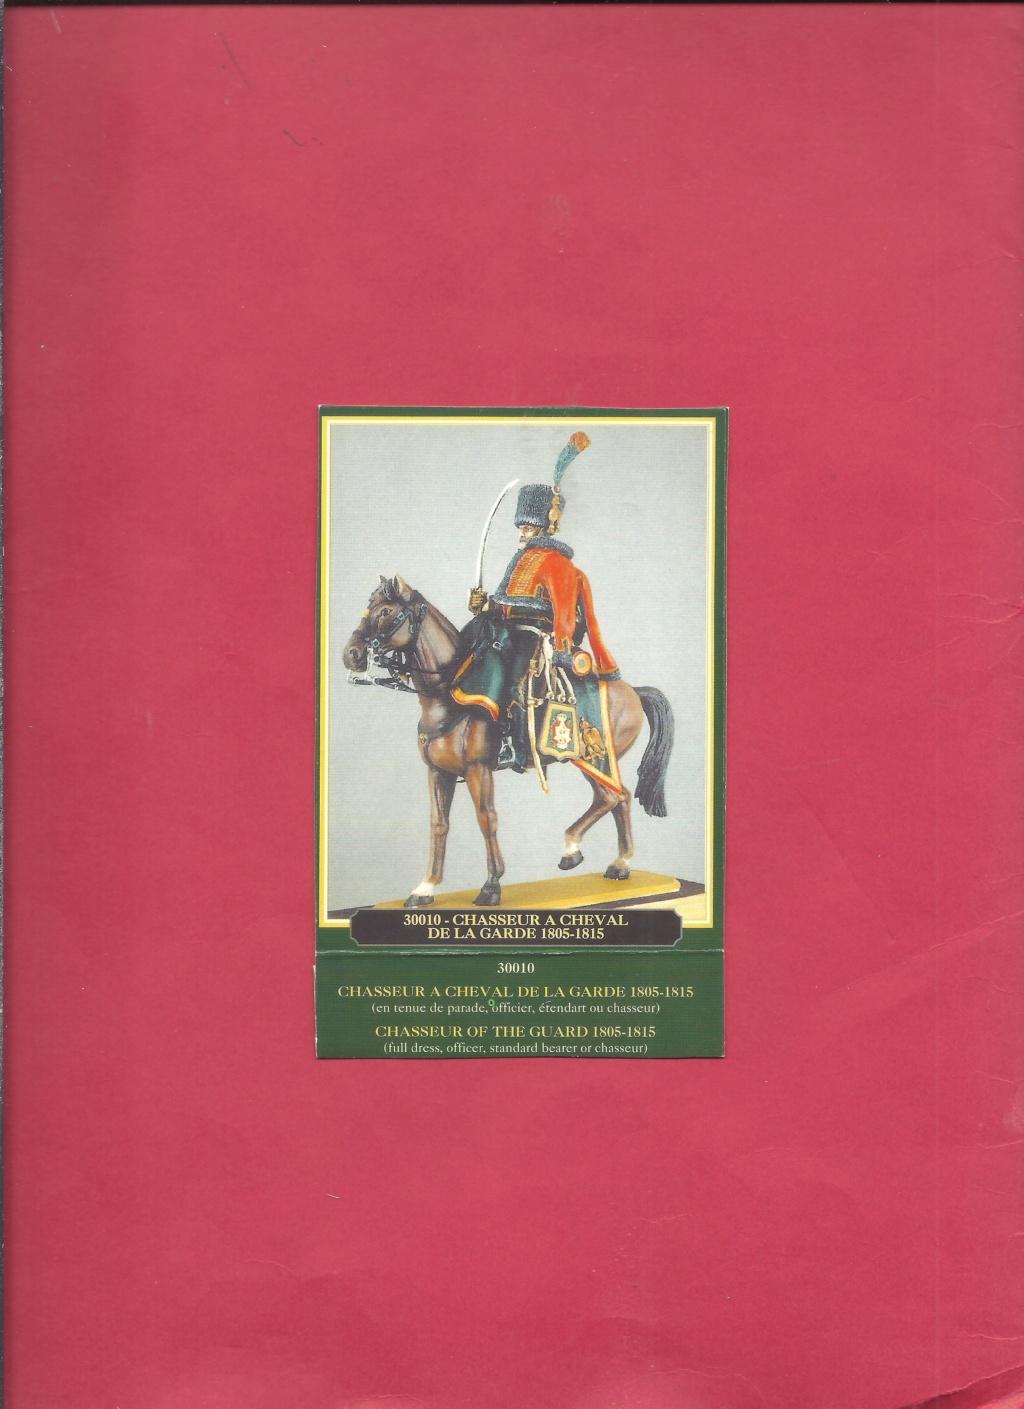 [HISTOREX] Chasseur à cheval de la Garde Impérial 1804 - 1815 1/30ème Réf 30010 Notice Histo151